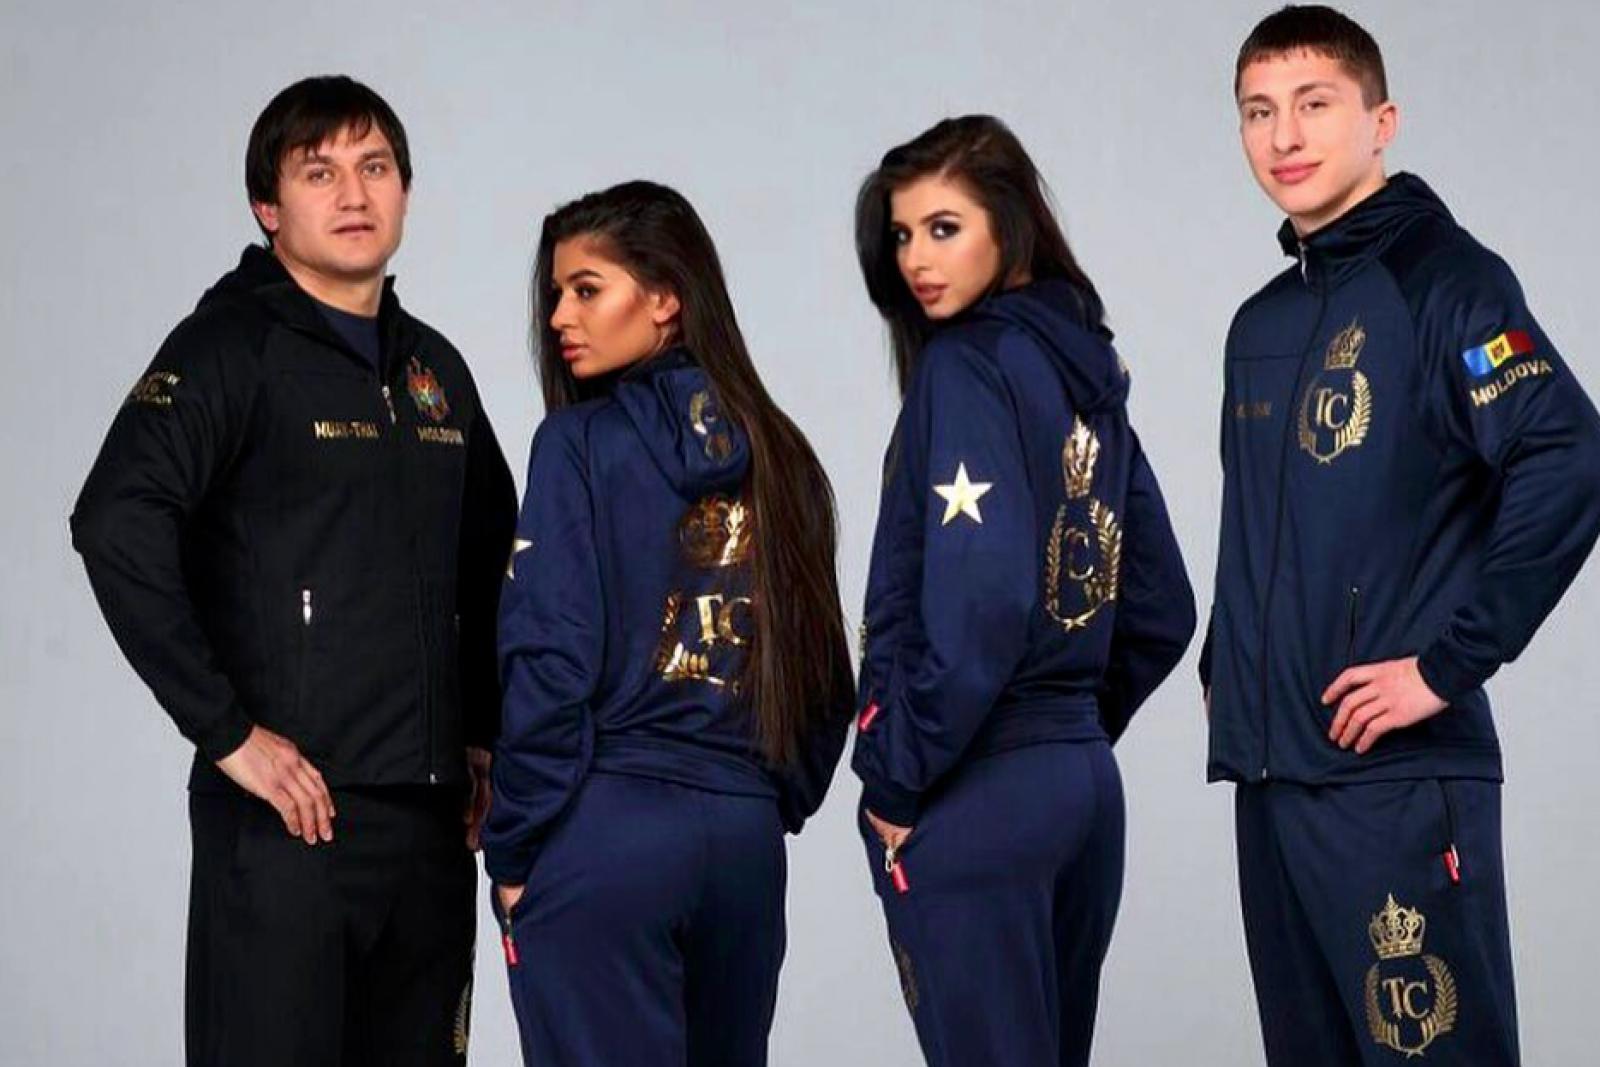 (foto) Constantin Țuțu are linie vestimentară: Haine sportive cu inițialele aurite ale deputatului și drapelul Republicii Moldova